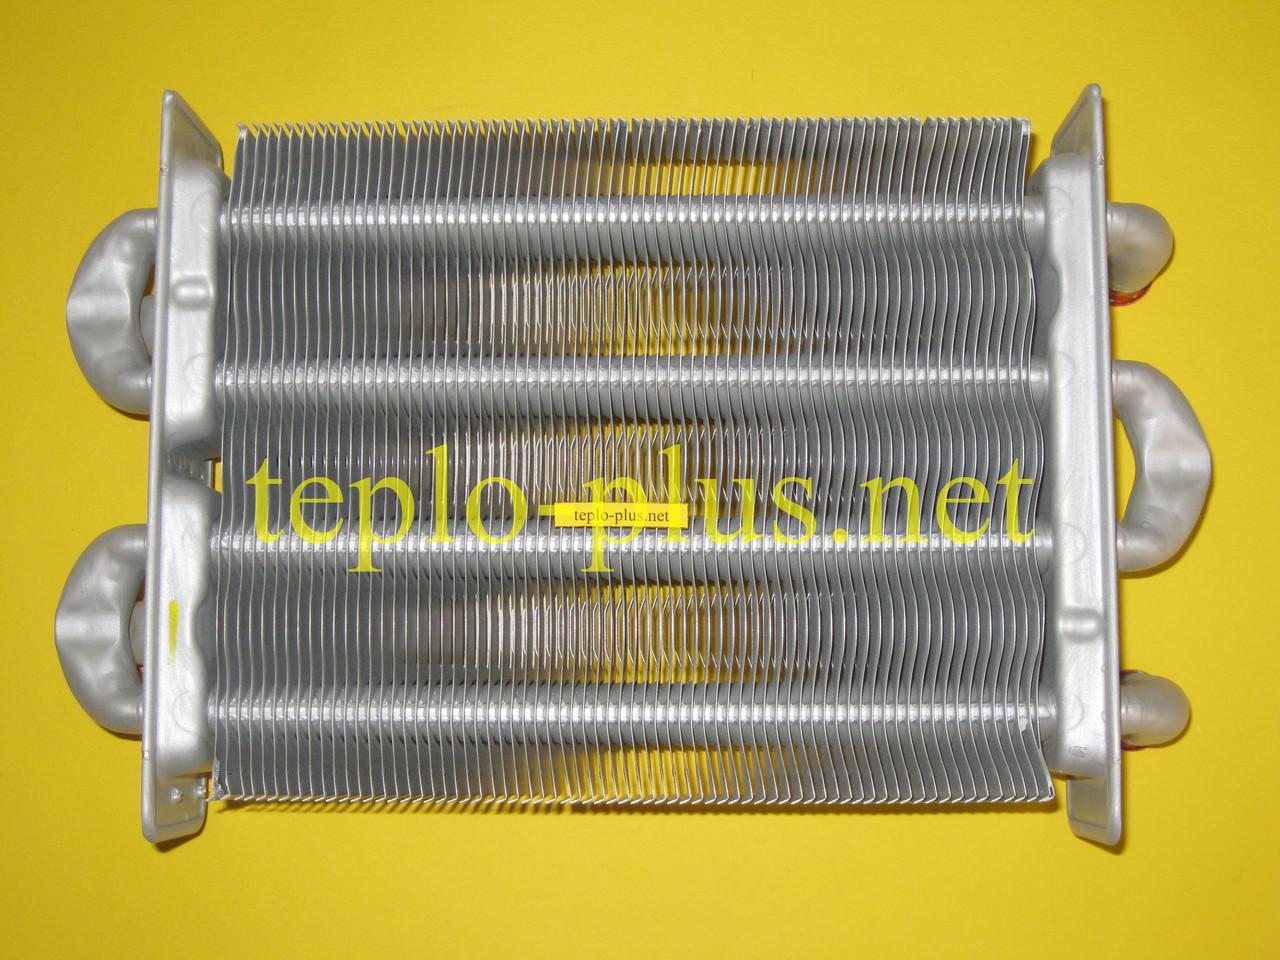 Теплообменник битермический r10021419 теплообменник m10n